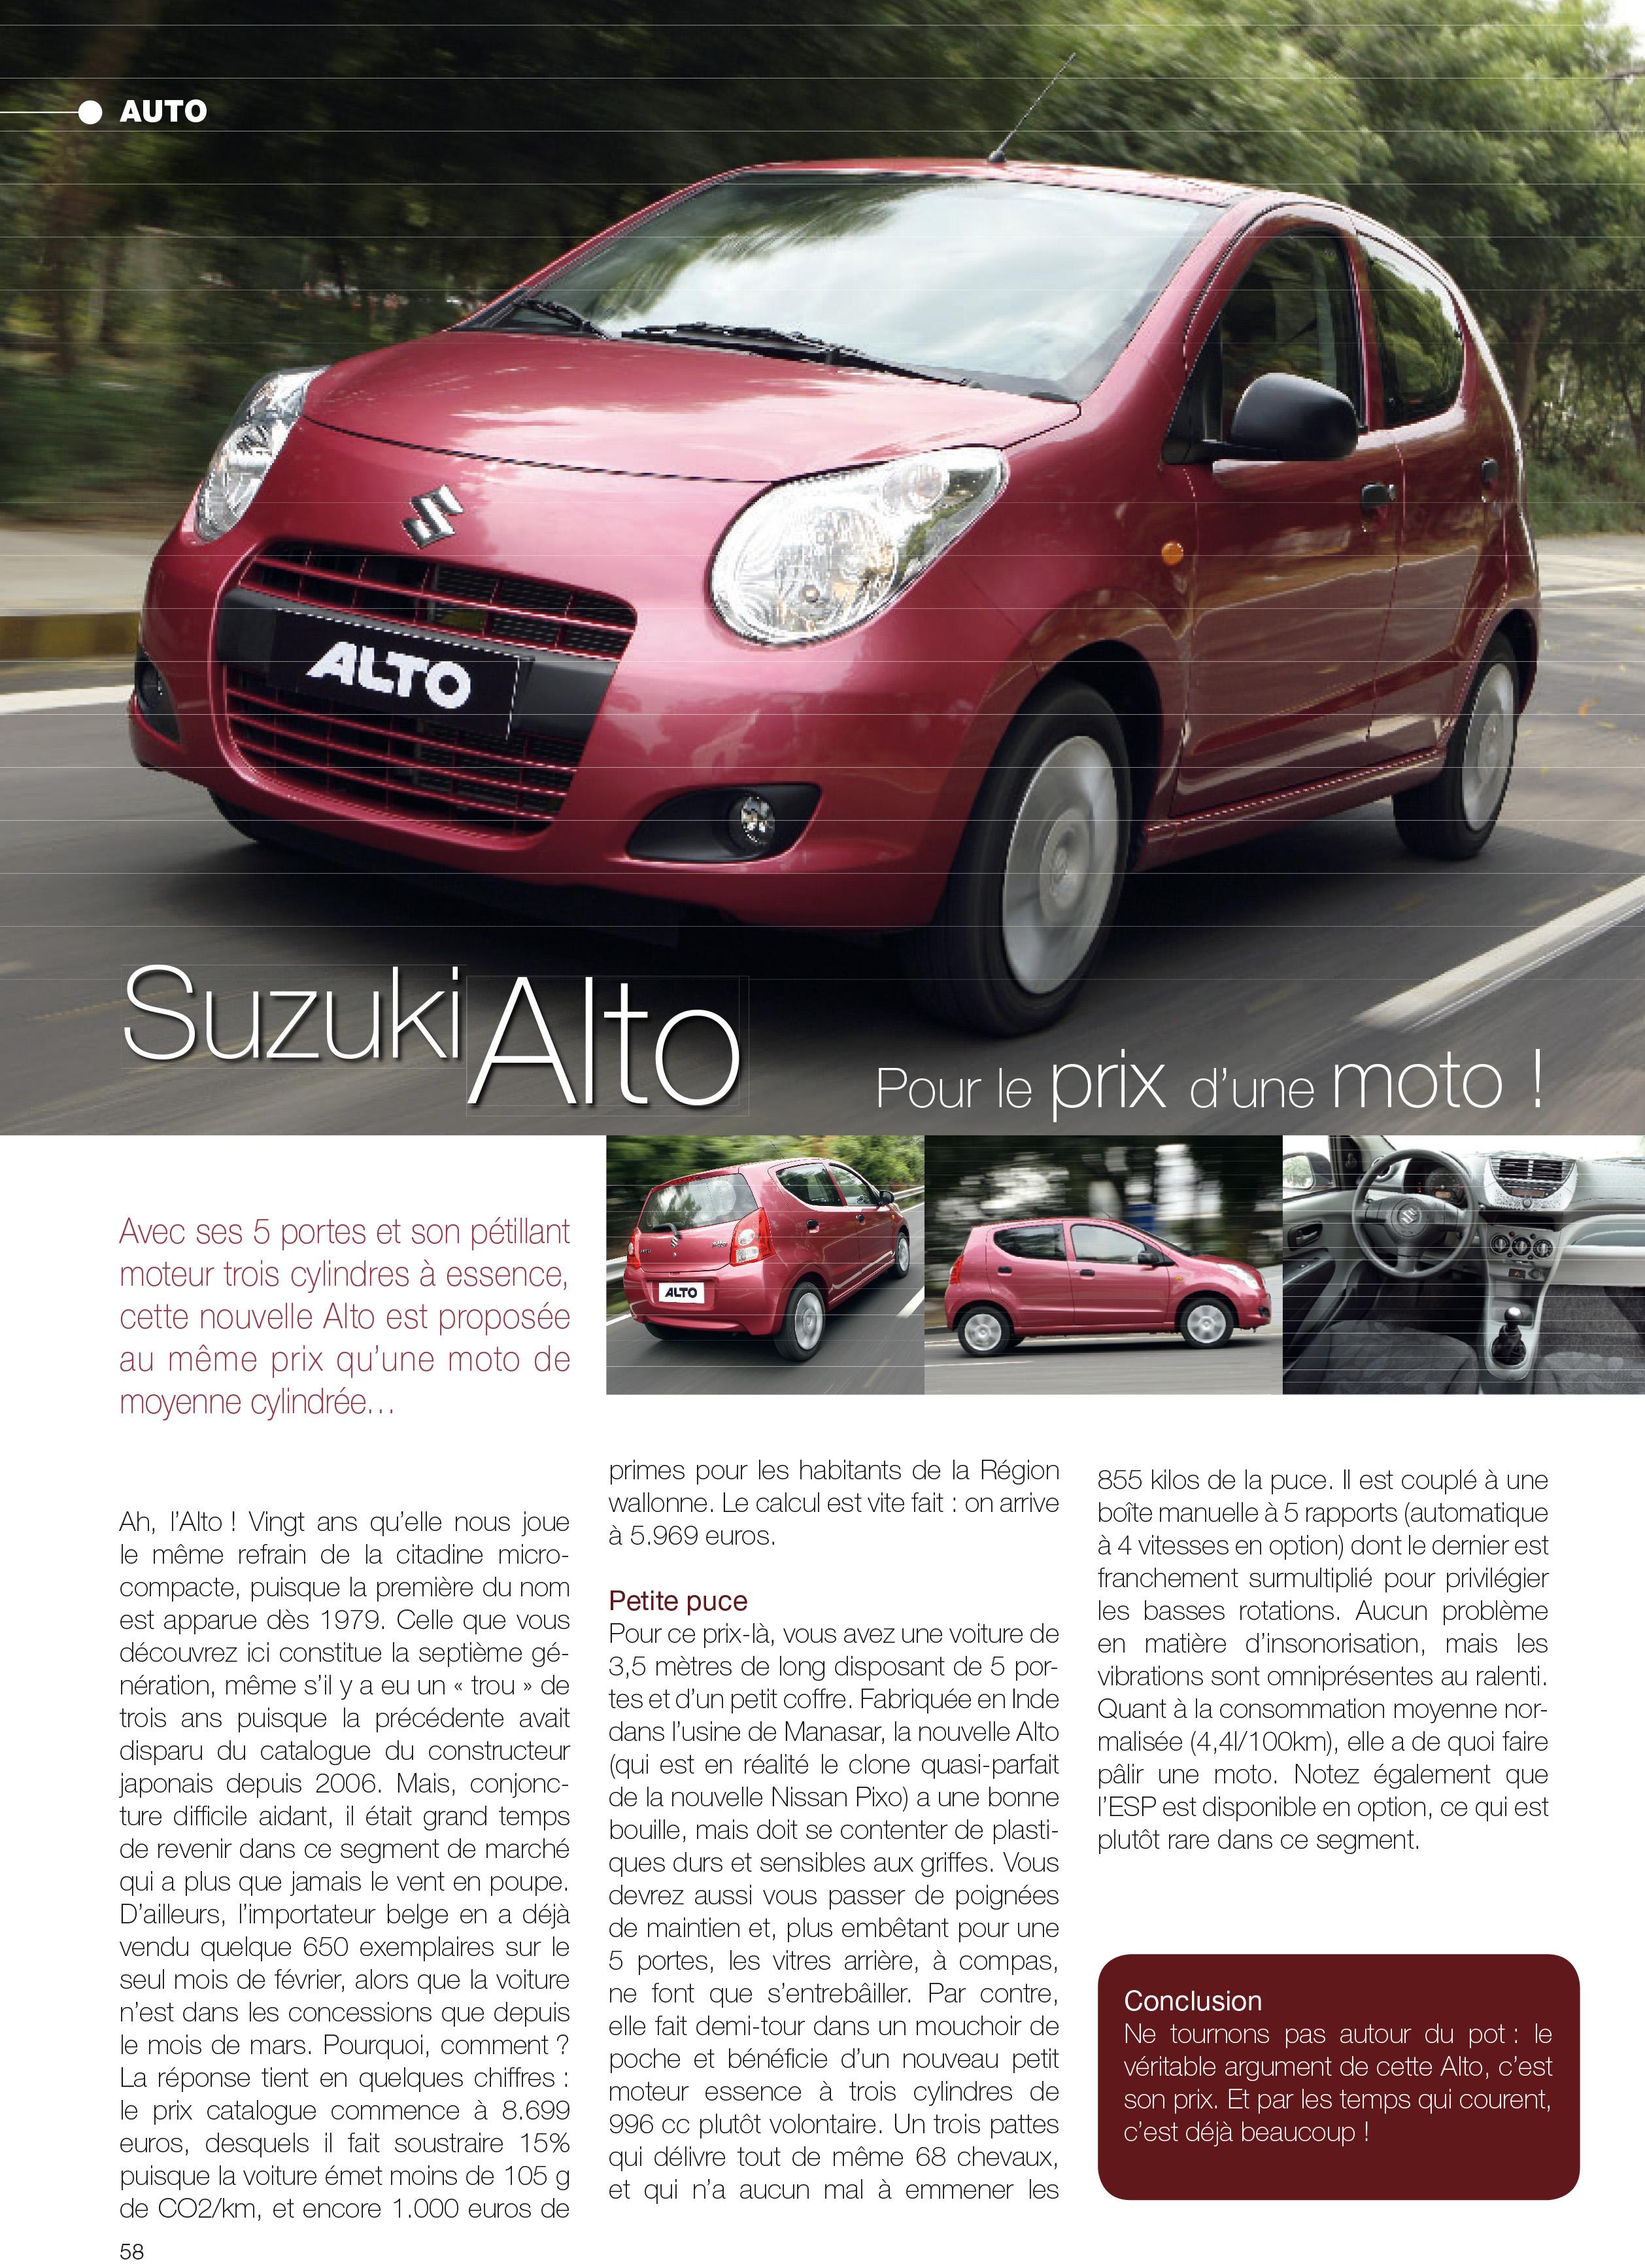 Maxipress - CityMag Suzuki Alto layout